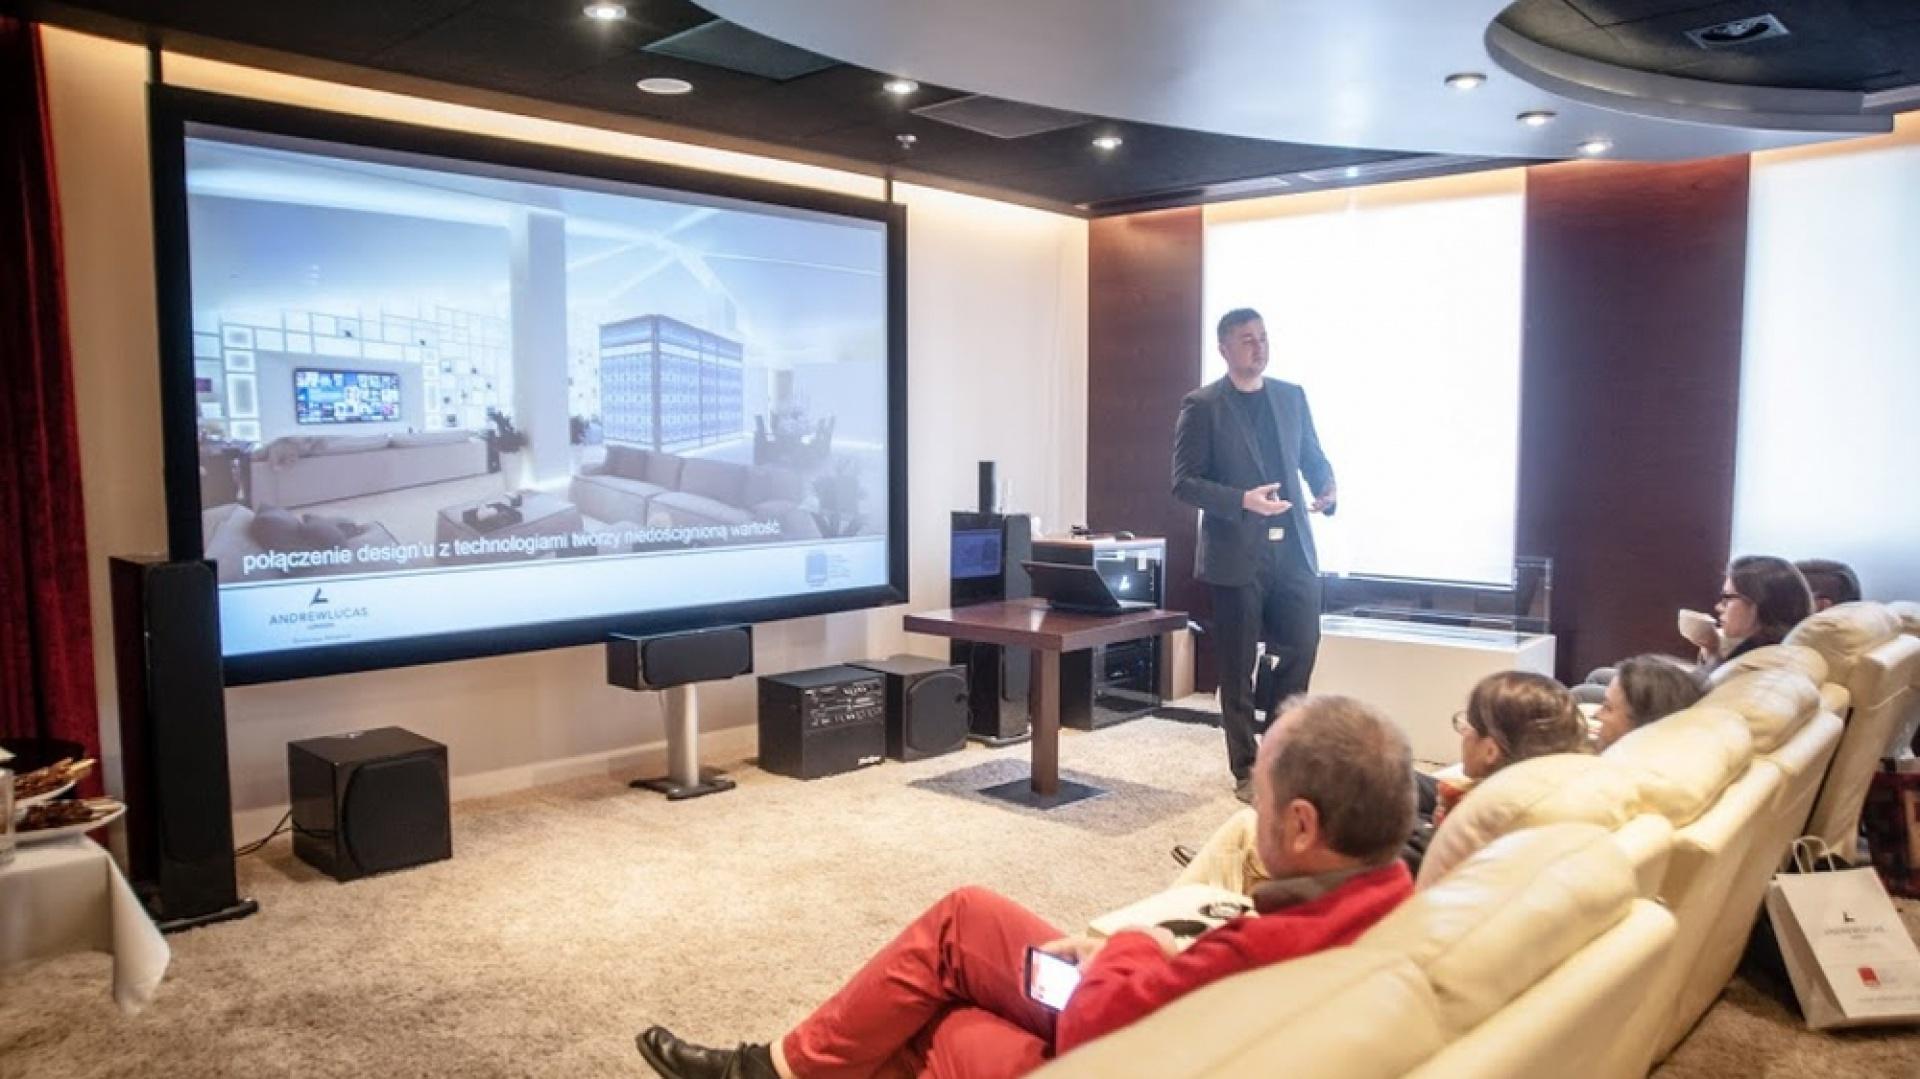 Według Daniela Welfla w ciągu najbliższych 5 lat, nowoczesne technologie staną się integralnym elementem każdego nowo budowanego domu. Fot. Materiały prasowe